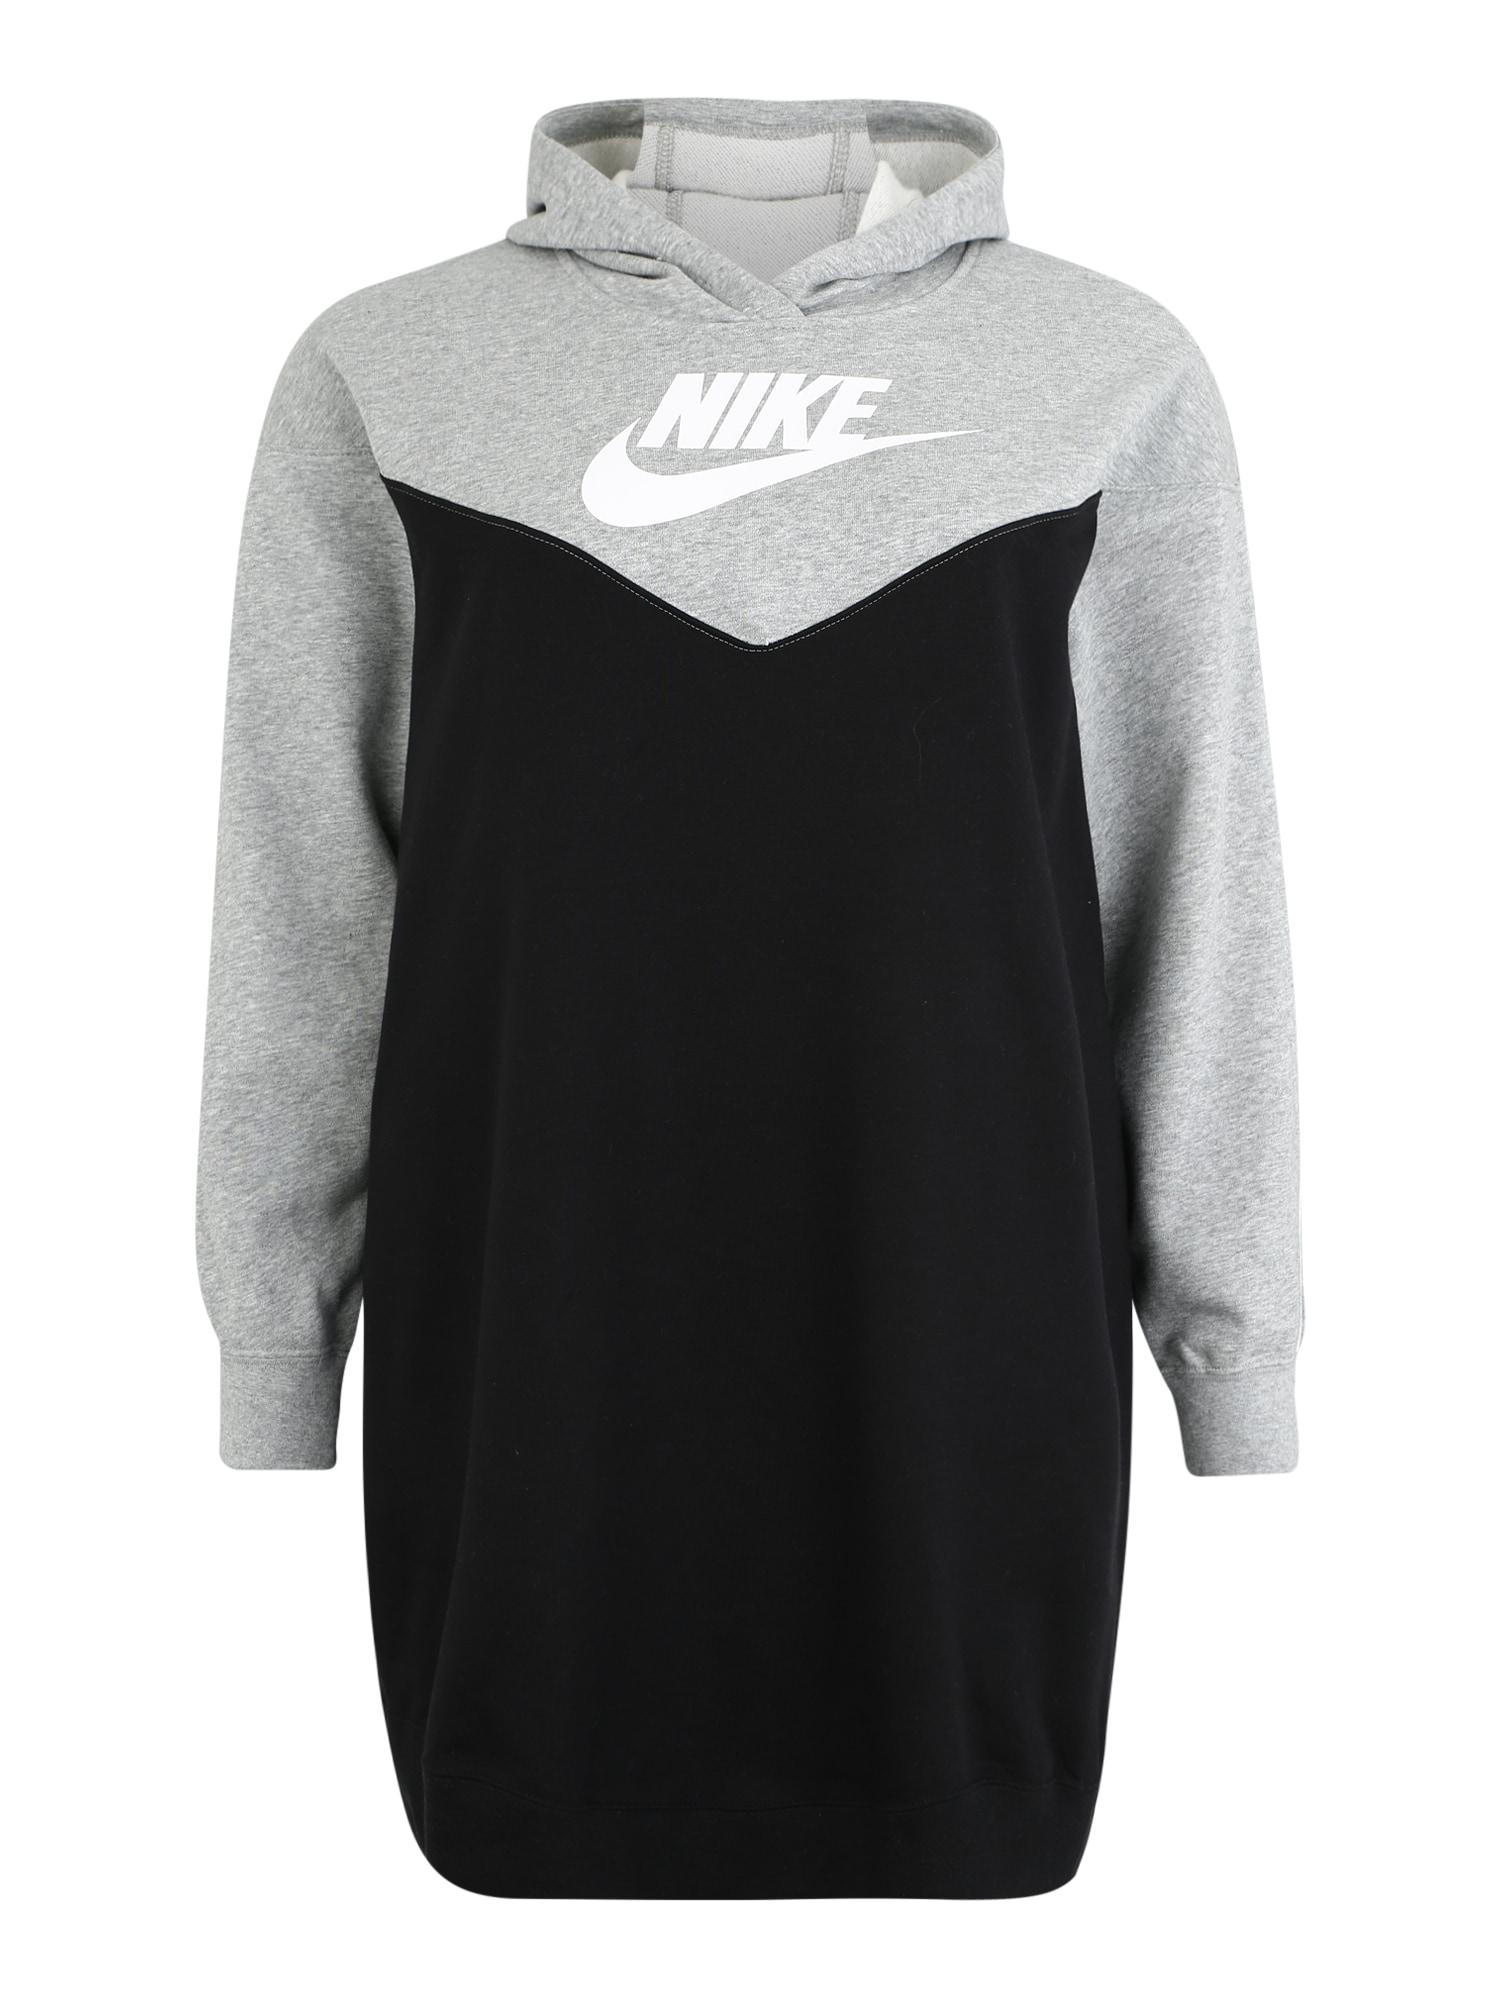 Šaty W NSW HRTG HOODY DRESS SB PLUS šedá černá Nike Sportswear